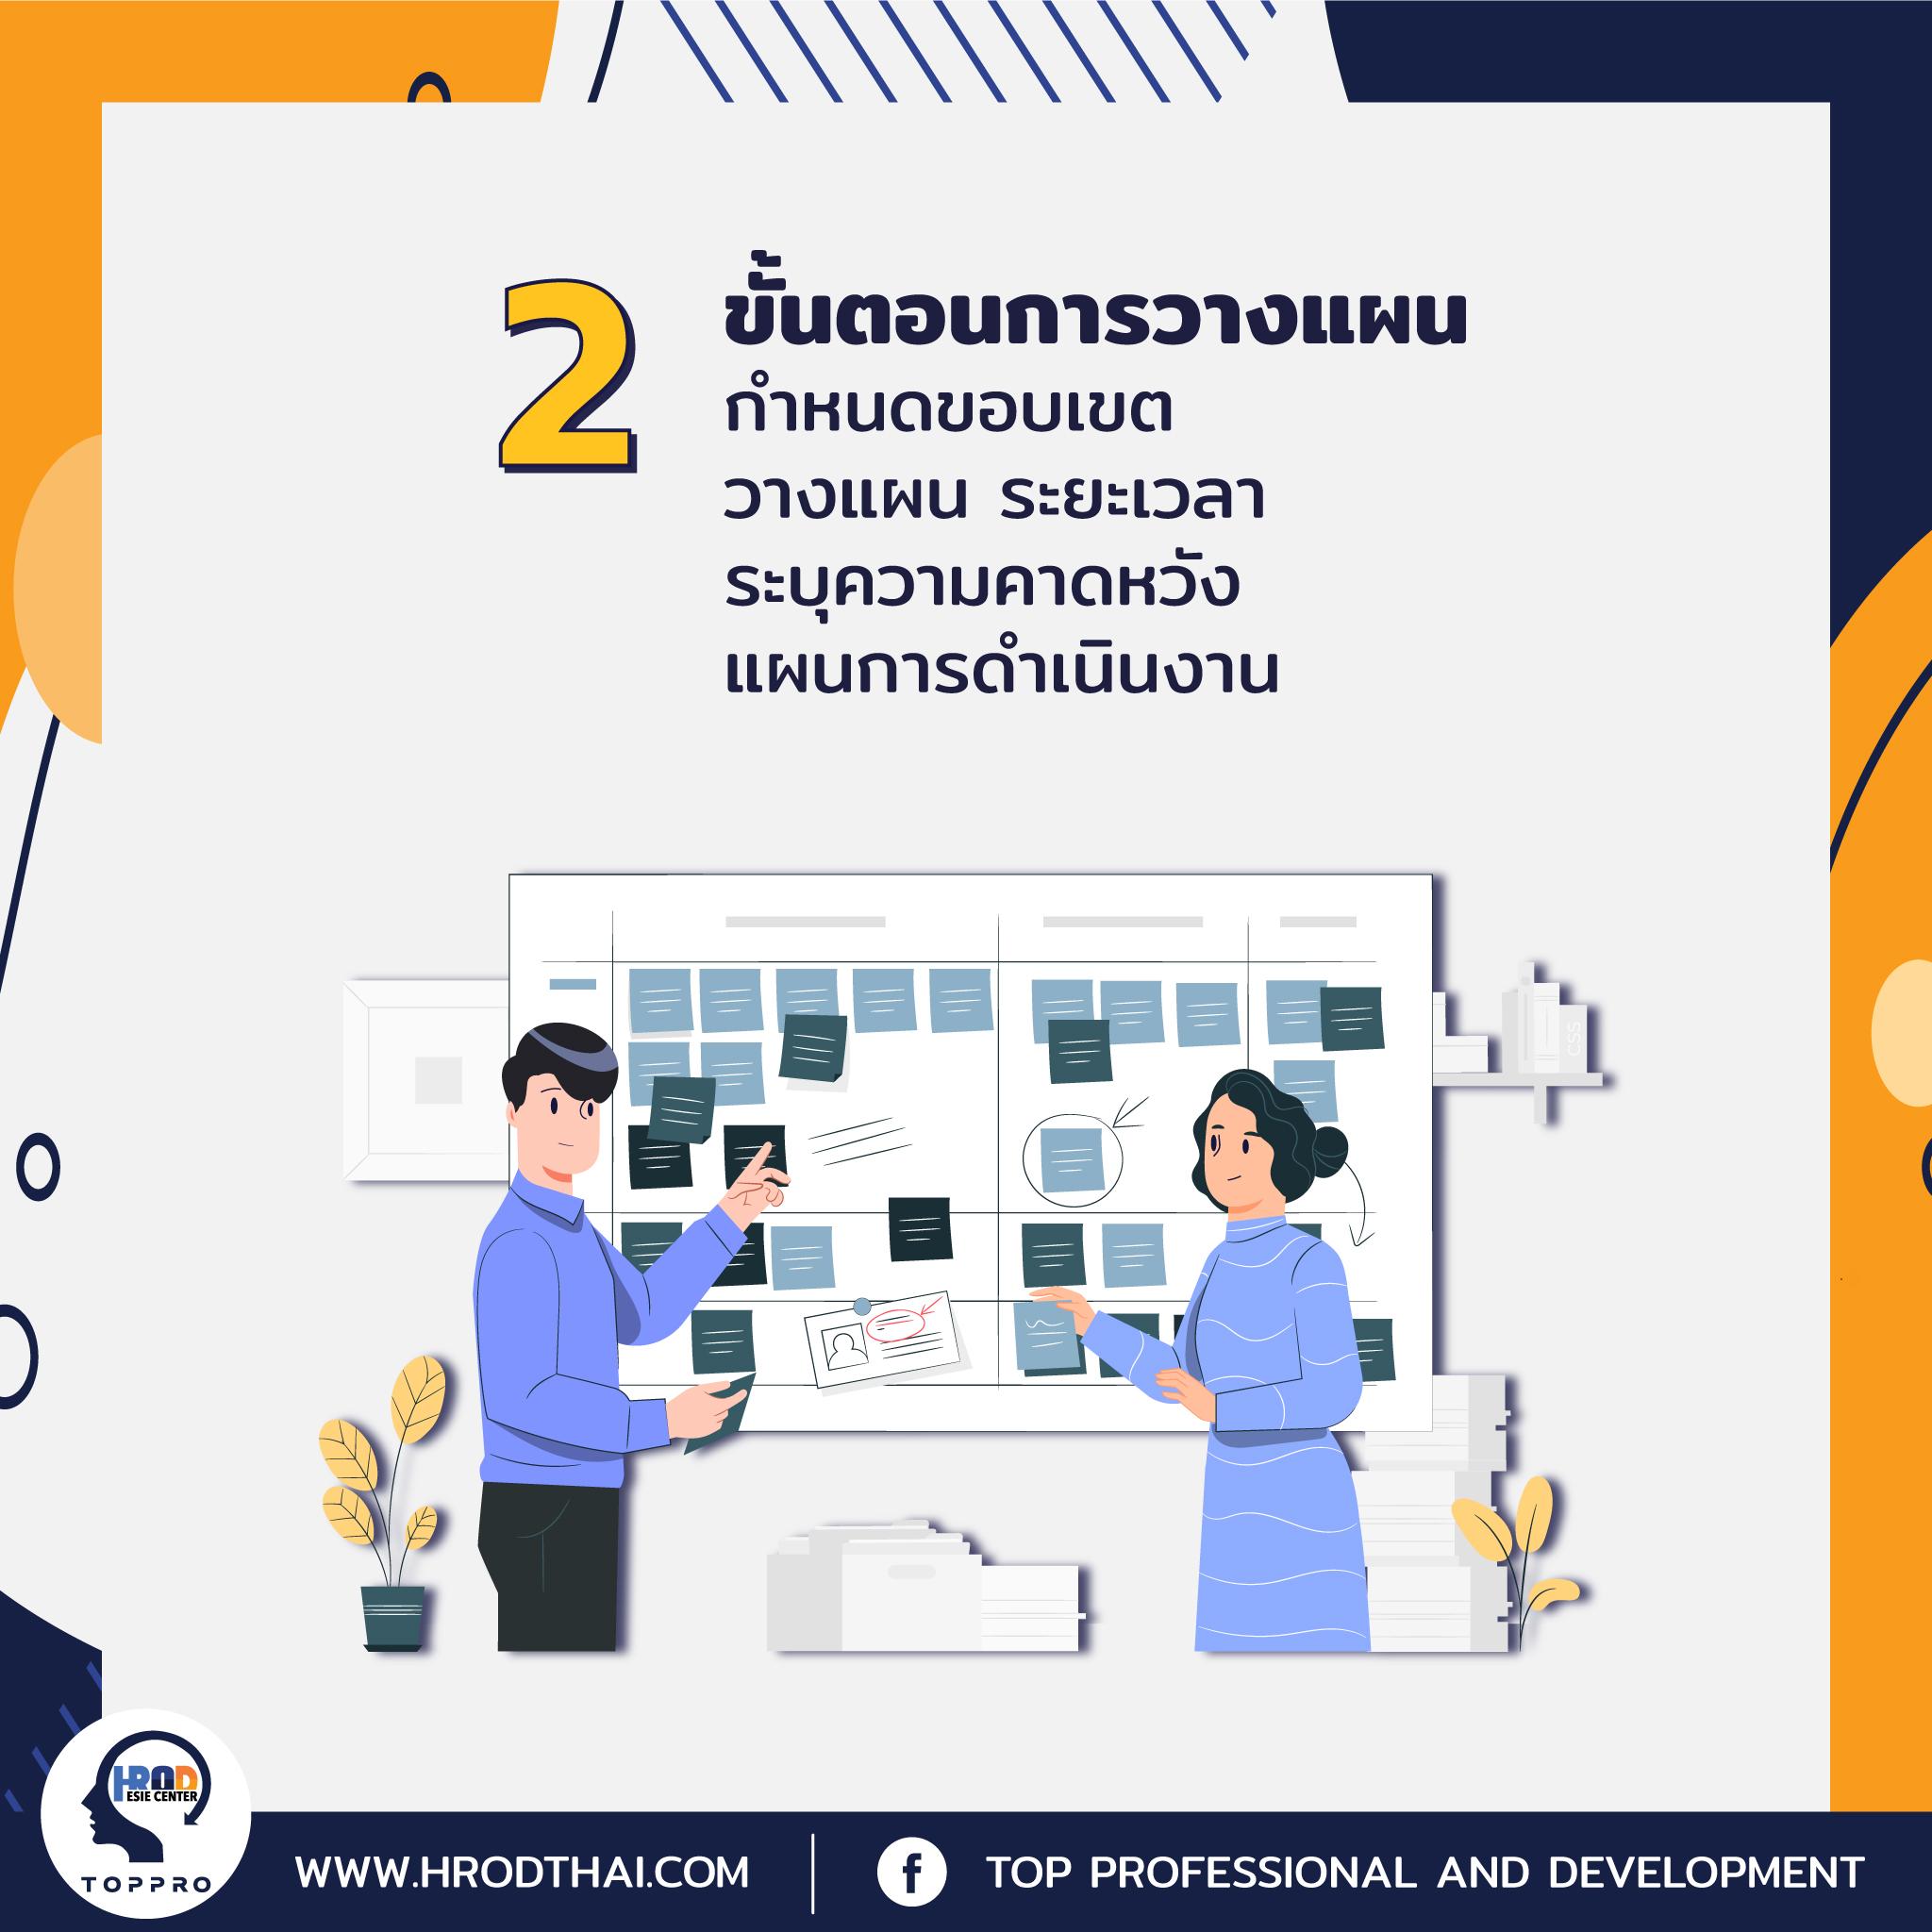 เทคนิคการสอนงาน On the job training-3